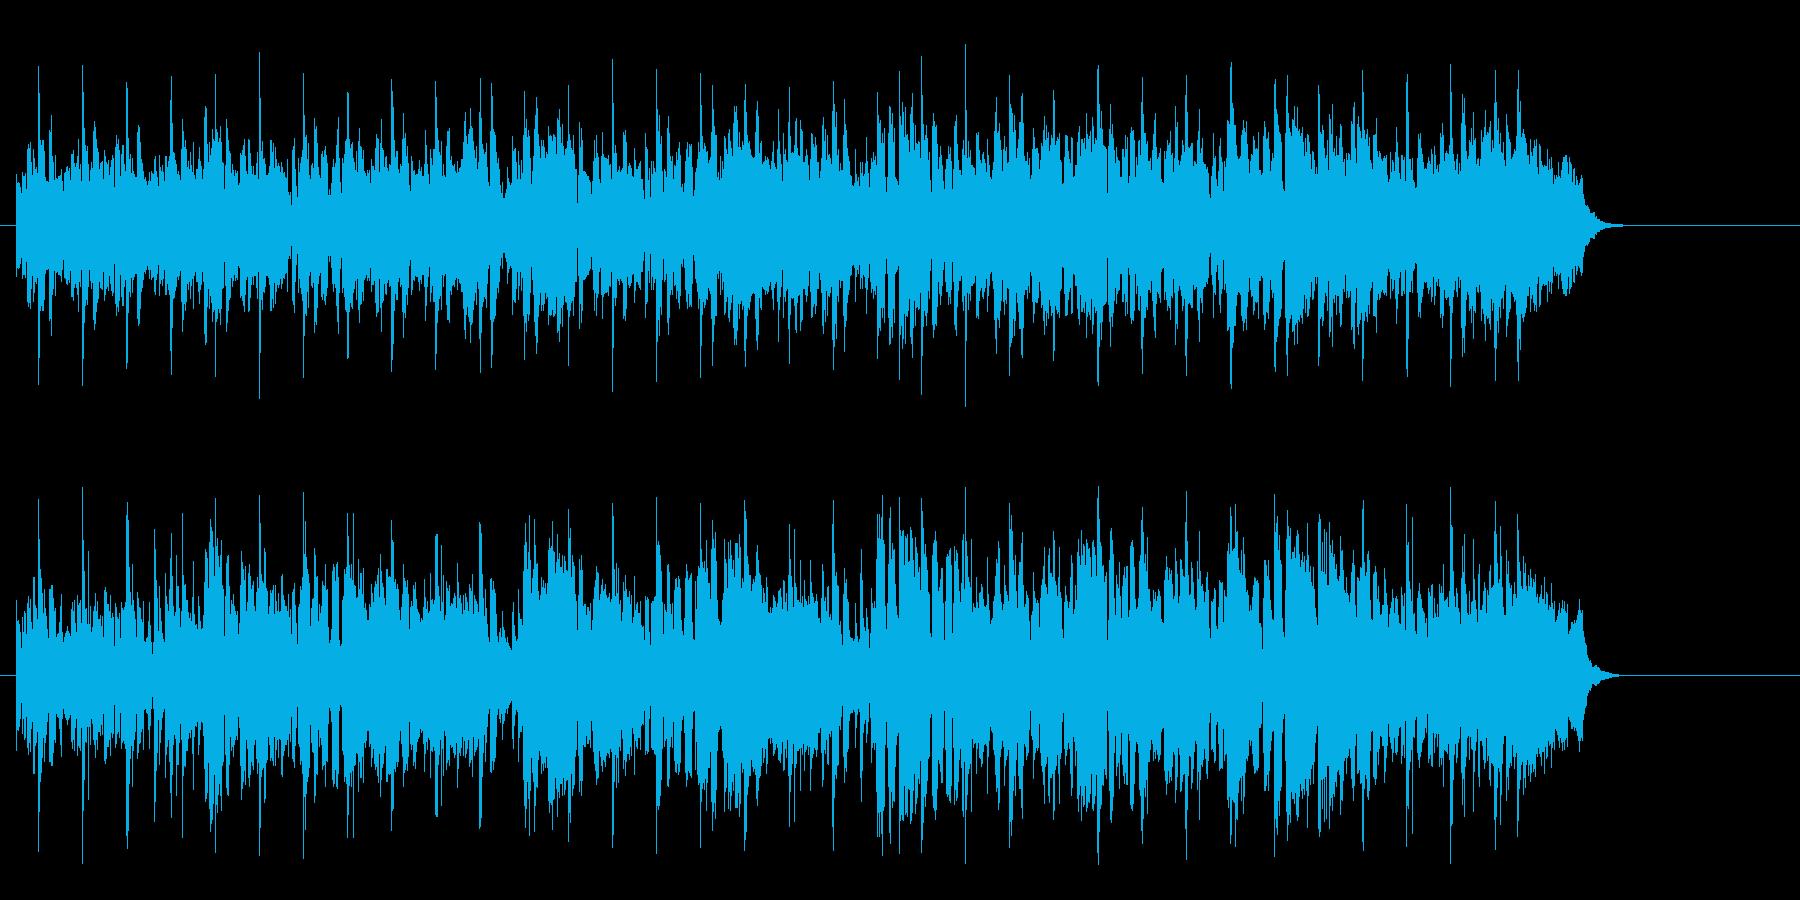 のんびりと時を過ごす様なレゲエ風ポップスの再生済みの波形